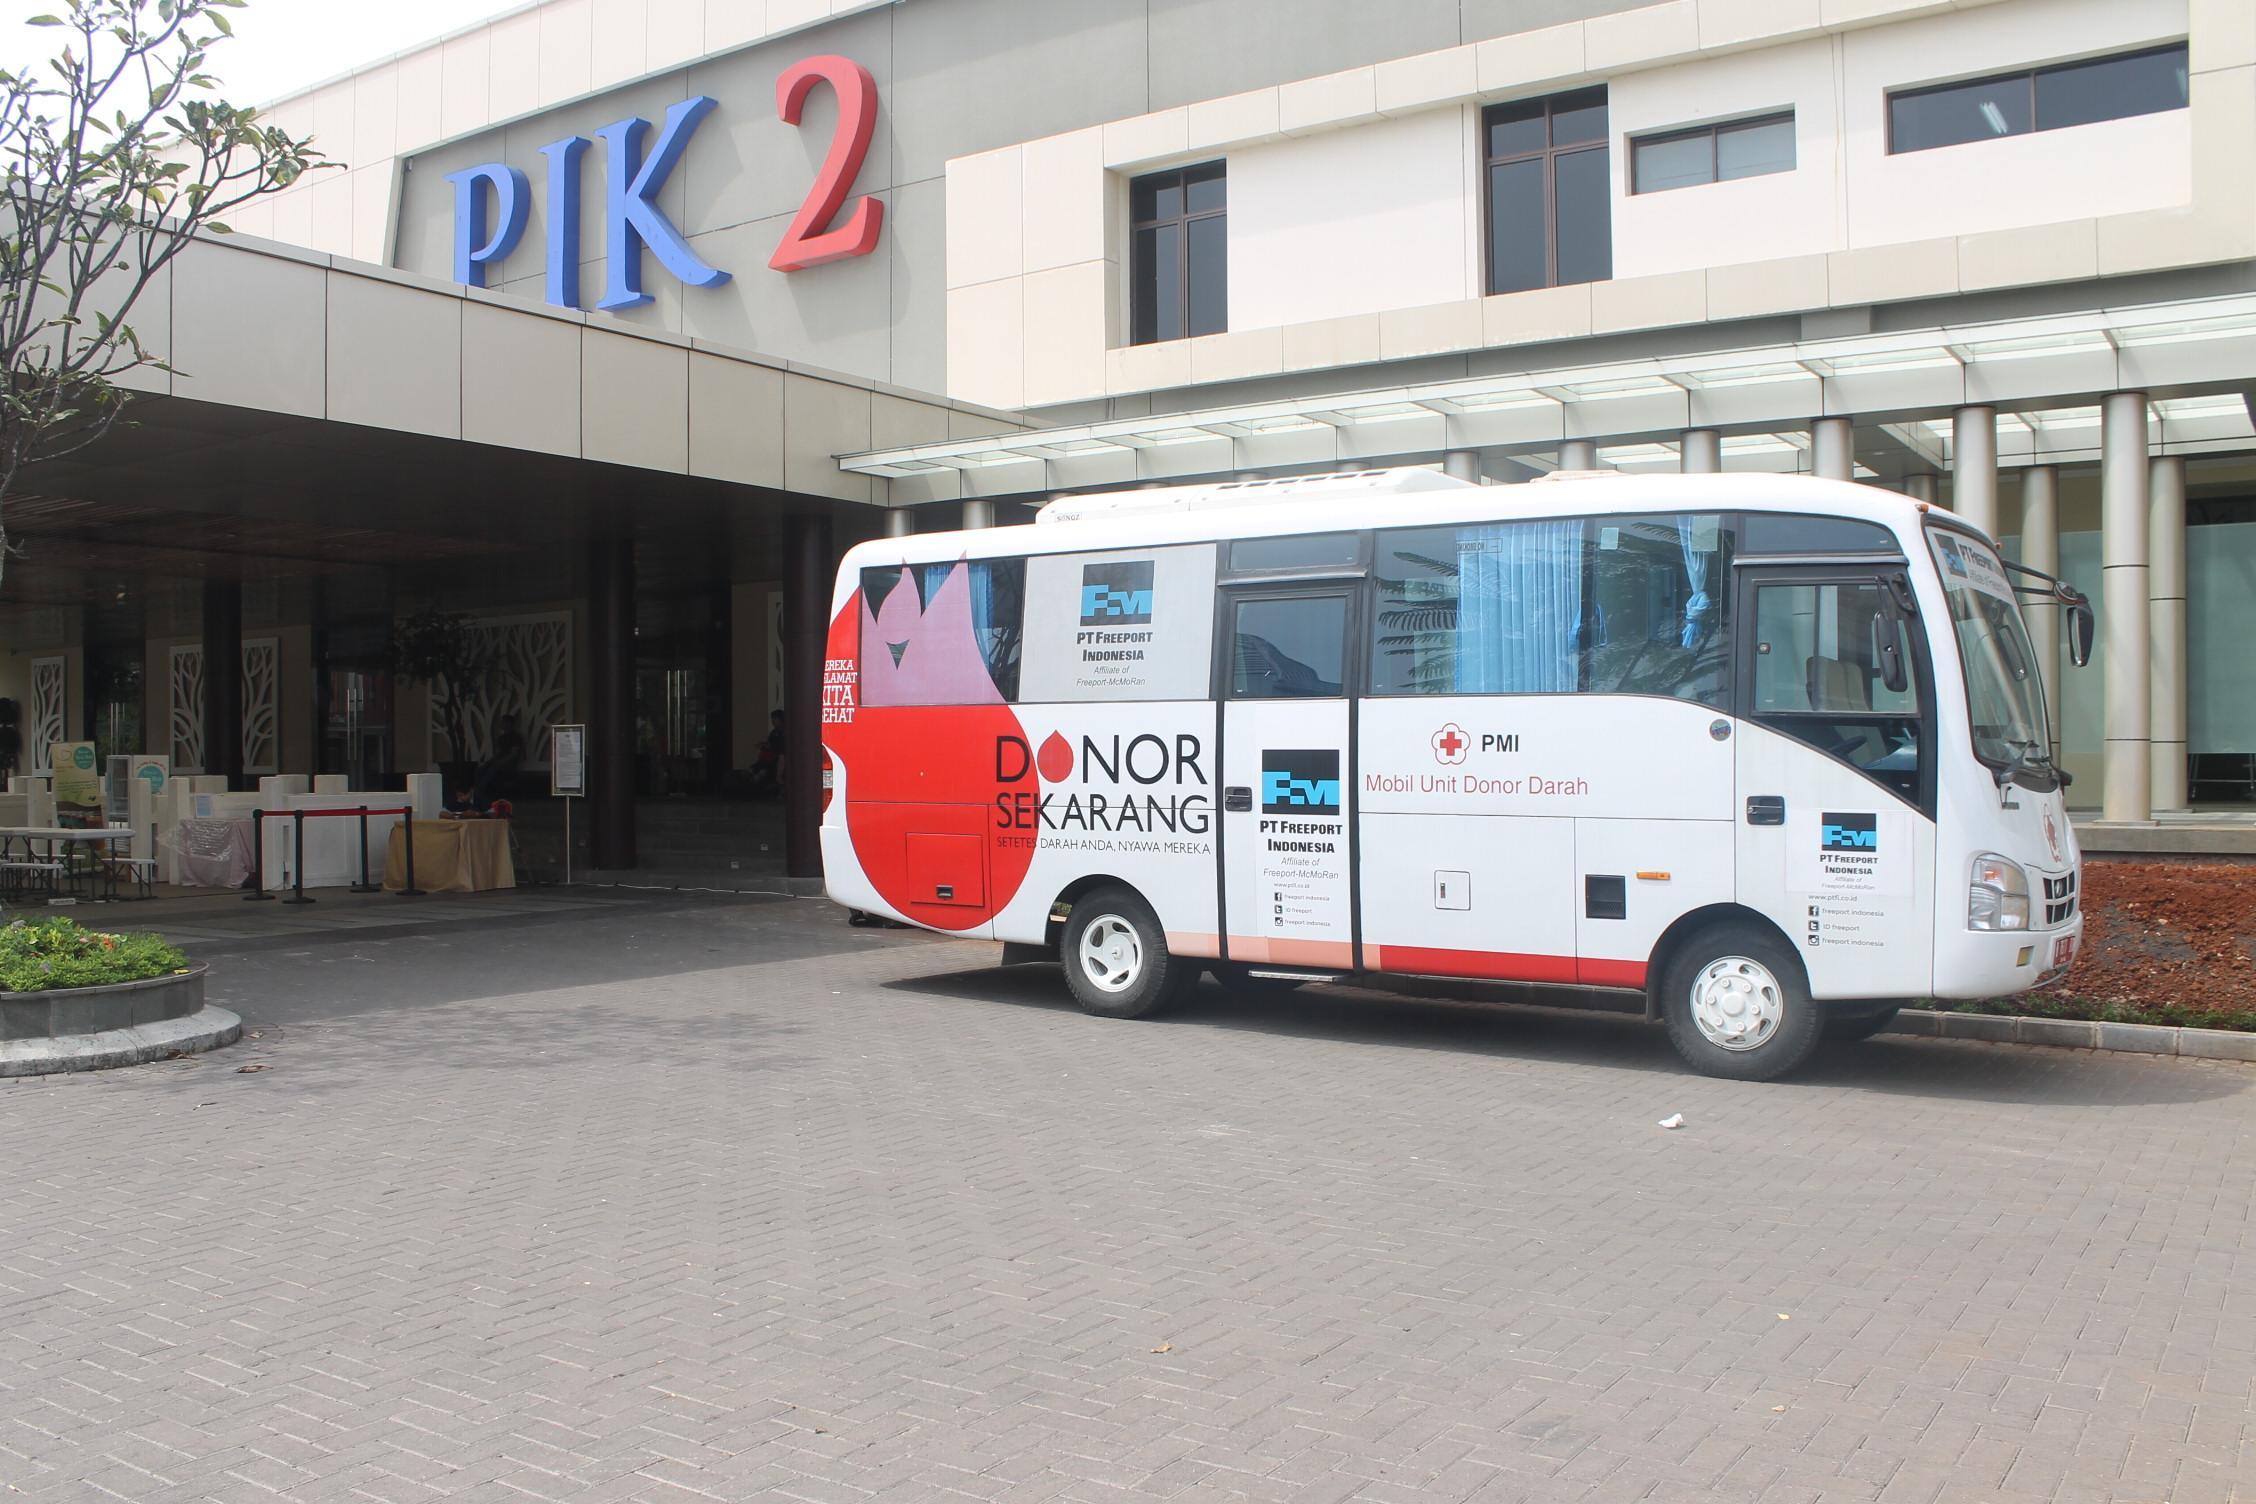 Pik2 Acara - PIK 2 Gelar Acara Donor Darah